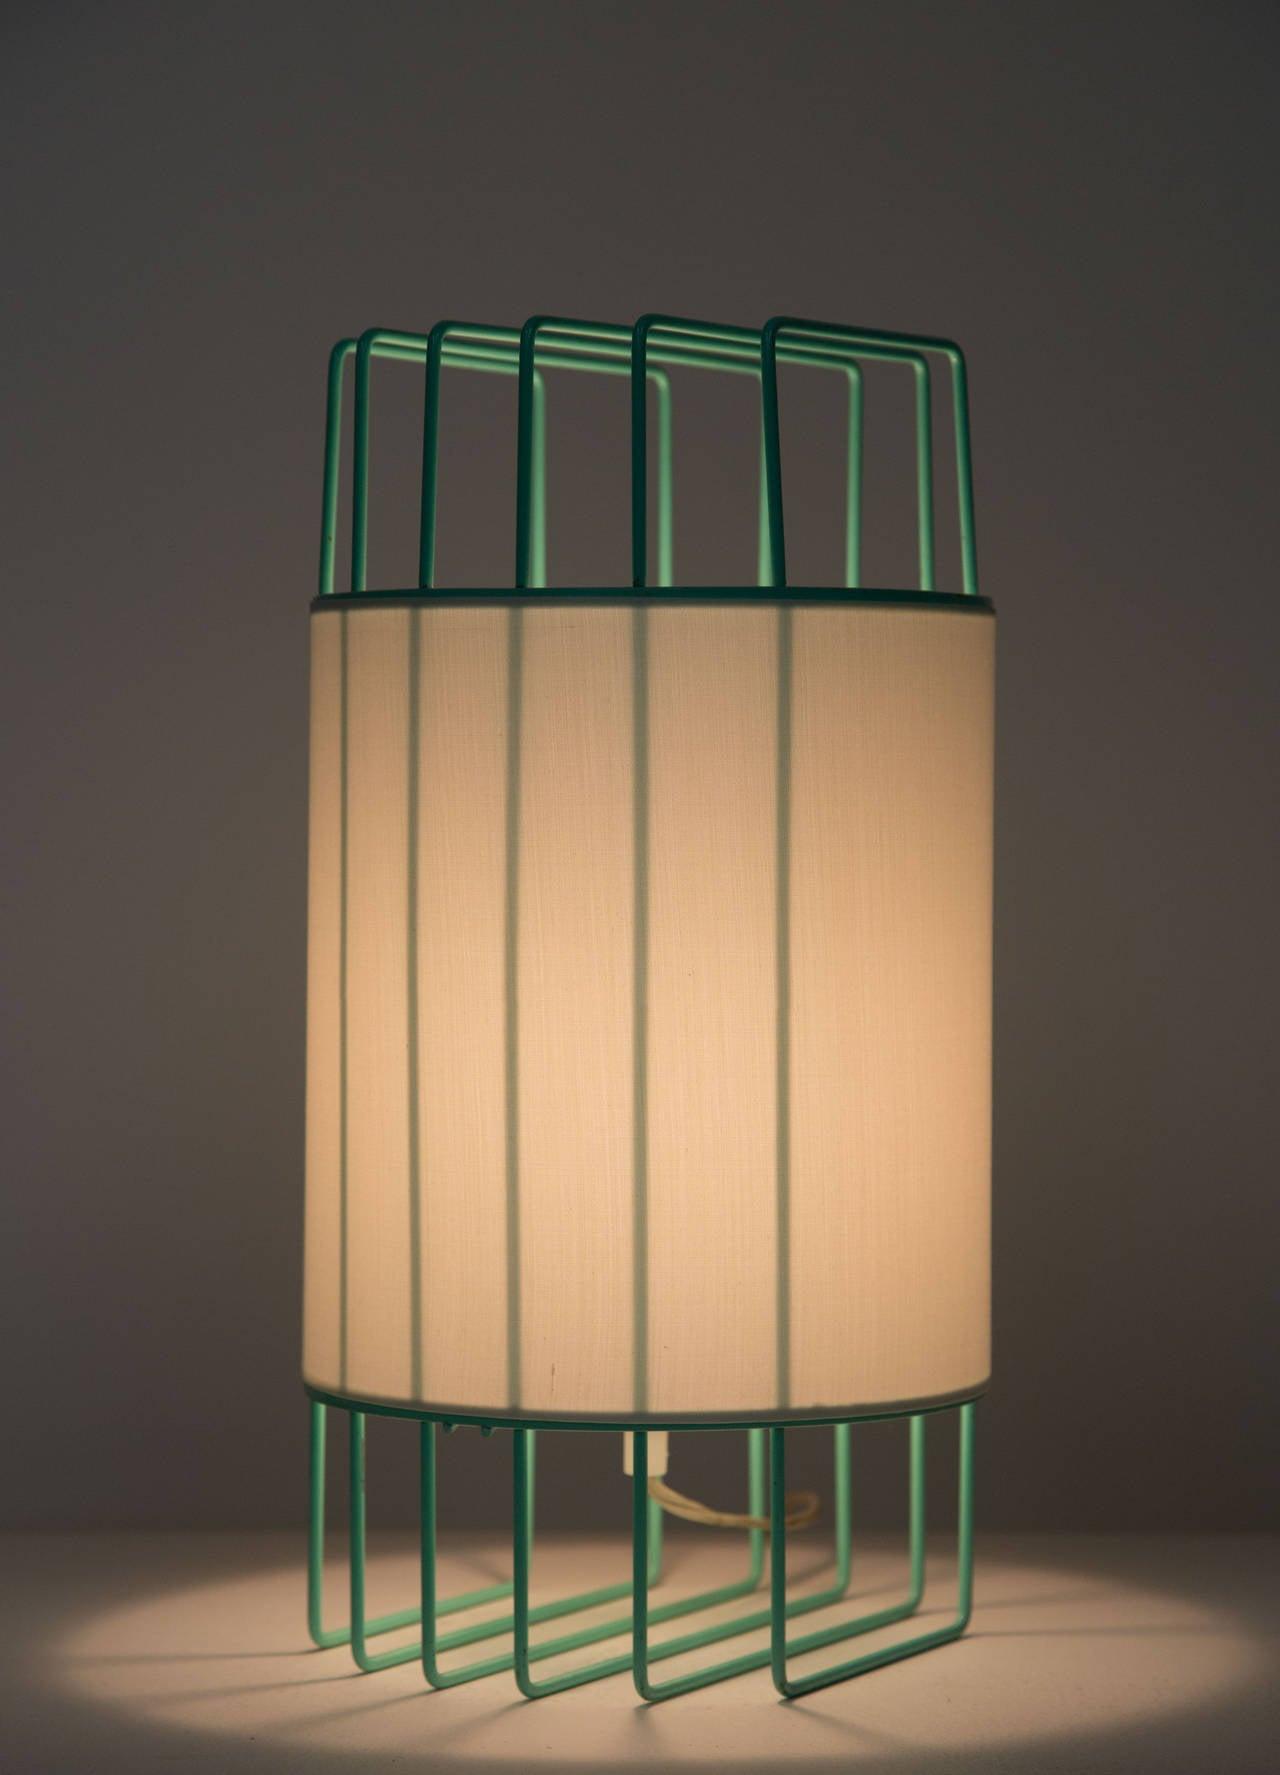 verner panton table lamp at 1stdibs. Black Bedroom Furniture Sets. Home Design Ideas